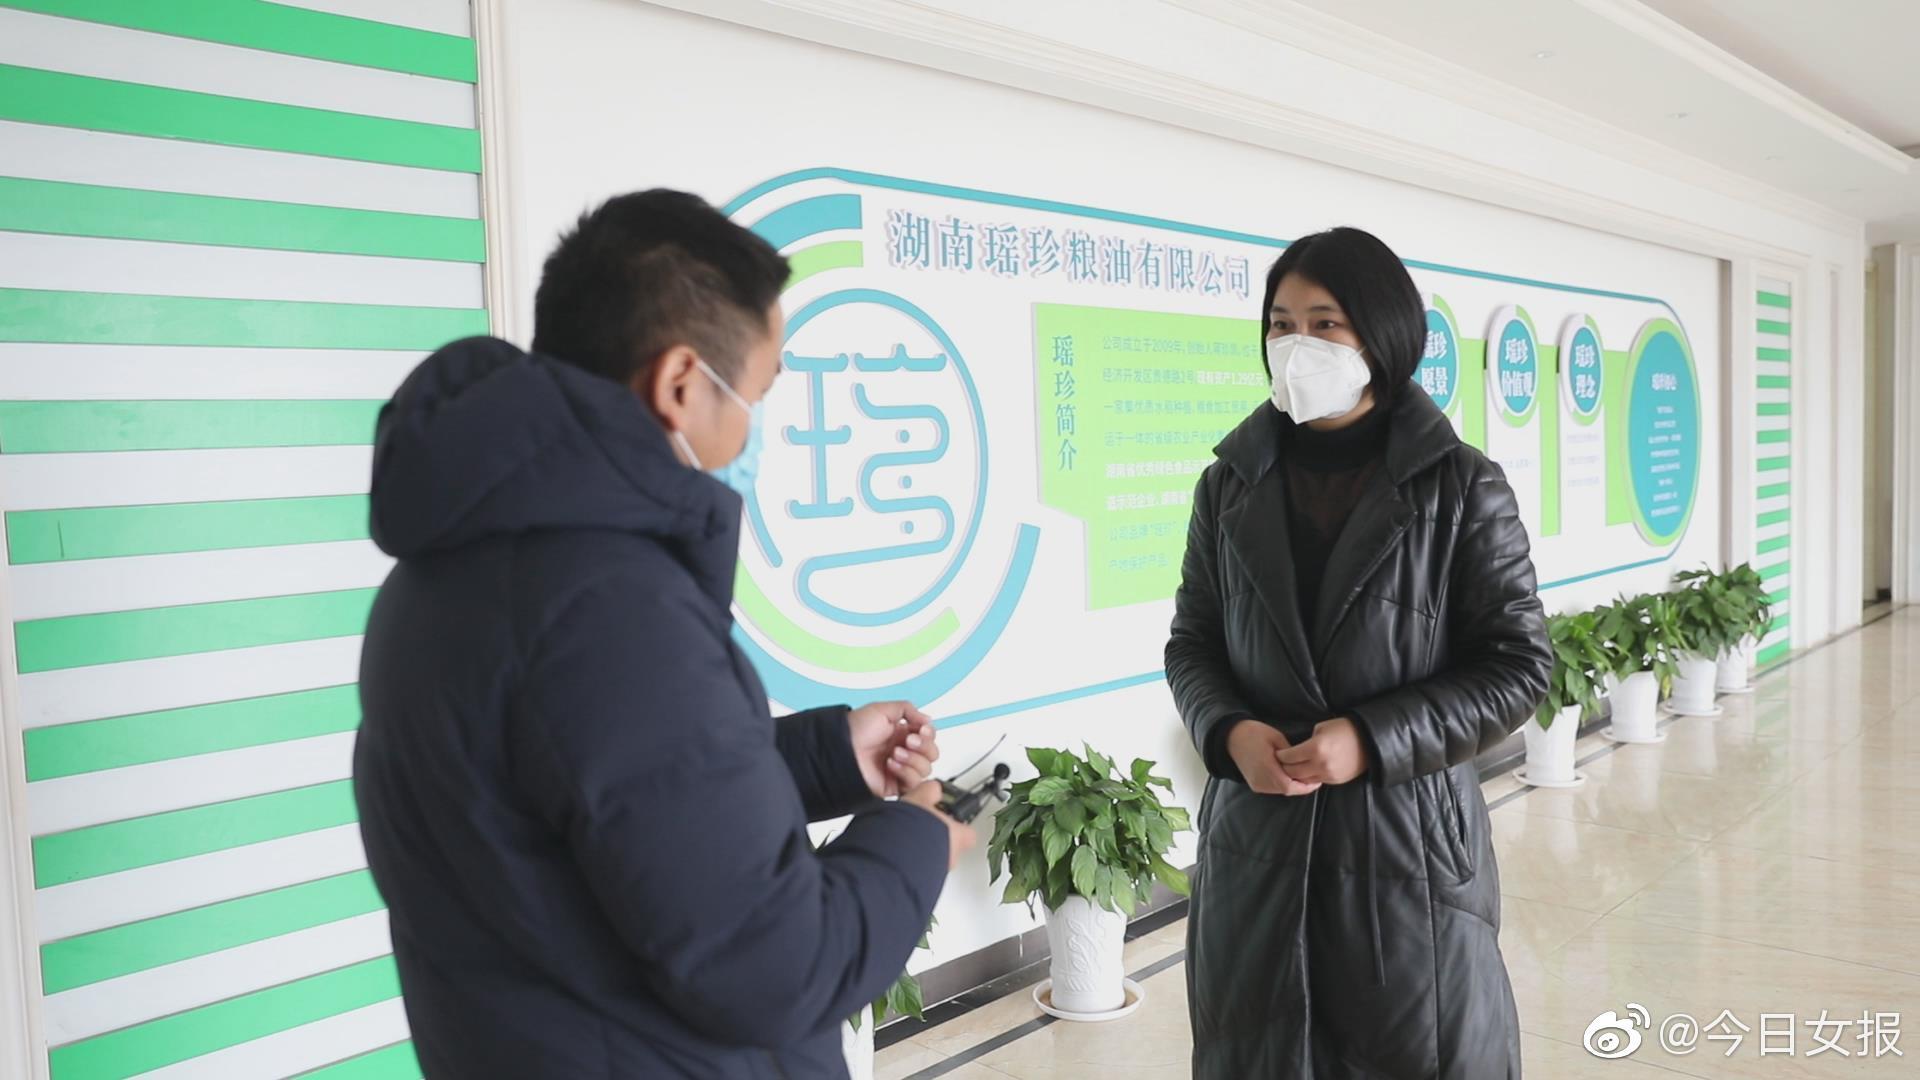 湖南瑶珍粮油公司:不涨价,每天生产150吨大米,保障老百姓需求